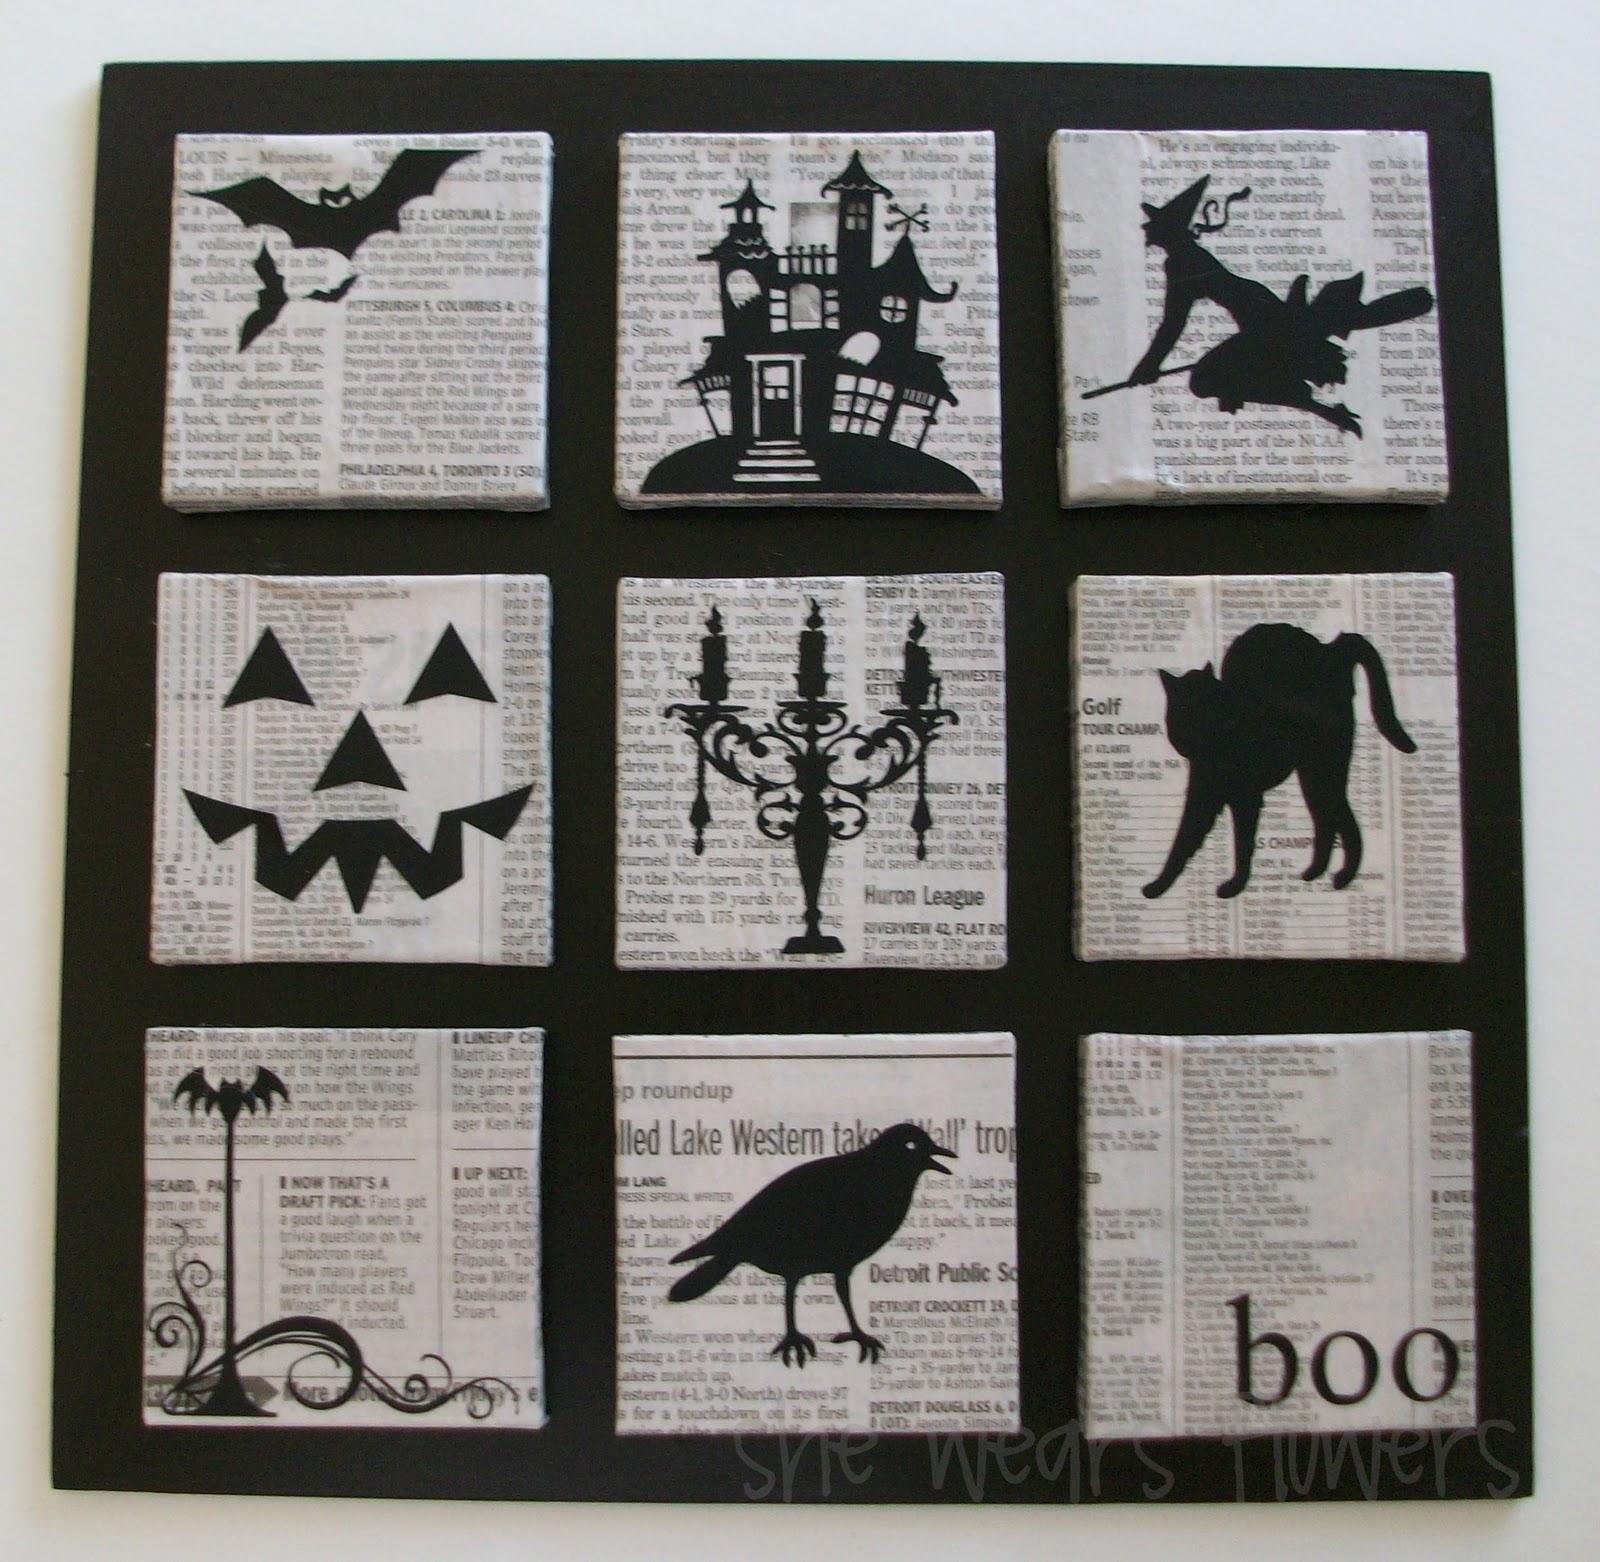 https://i0.wp.com/3.bp.blogspot.com/_IUuOmI9OSJo/TKnah3HByWI/AAAAAAAABVg/h_ZeQwEywOE/s1600/Halloween+Canvas9.jpg